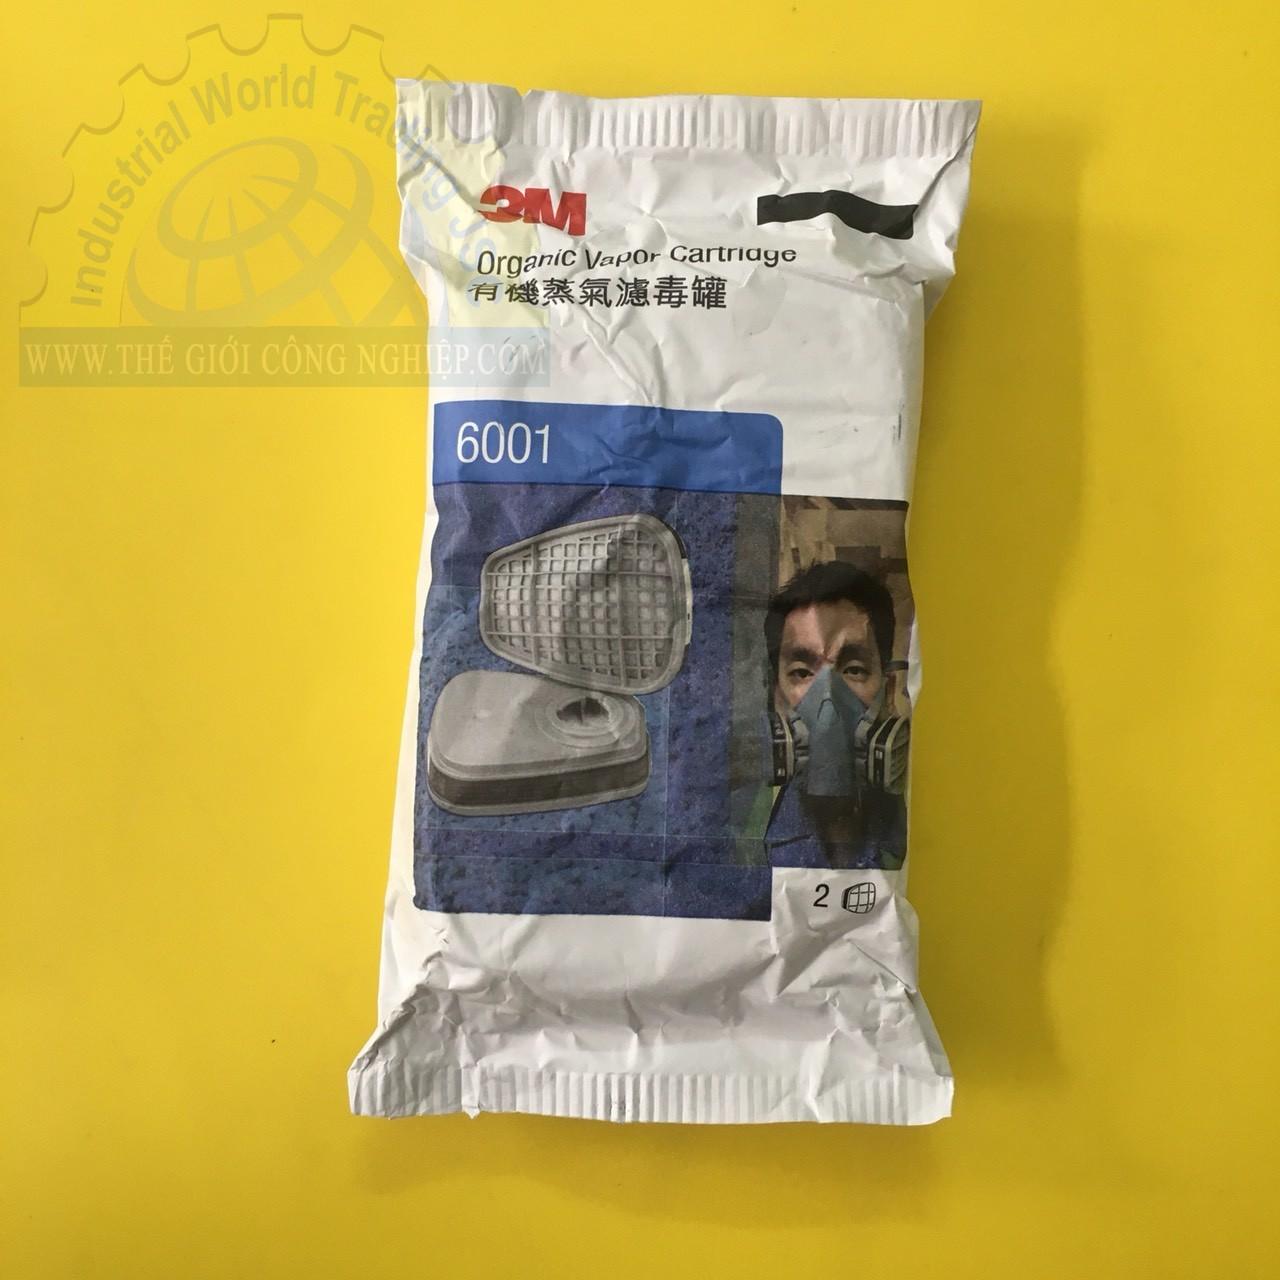 Phin dùng cho mặt nạ  phòng độc 6001  TGCN-33924 3M